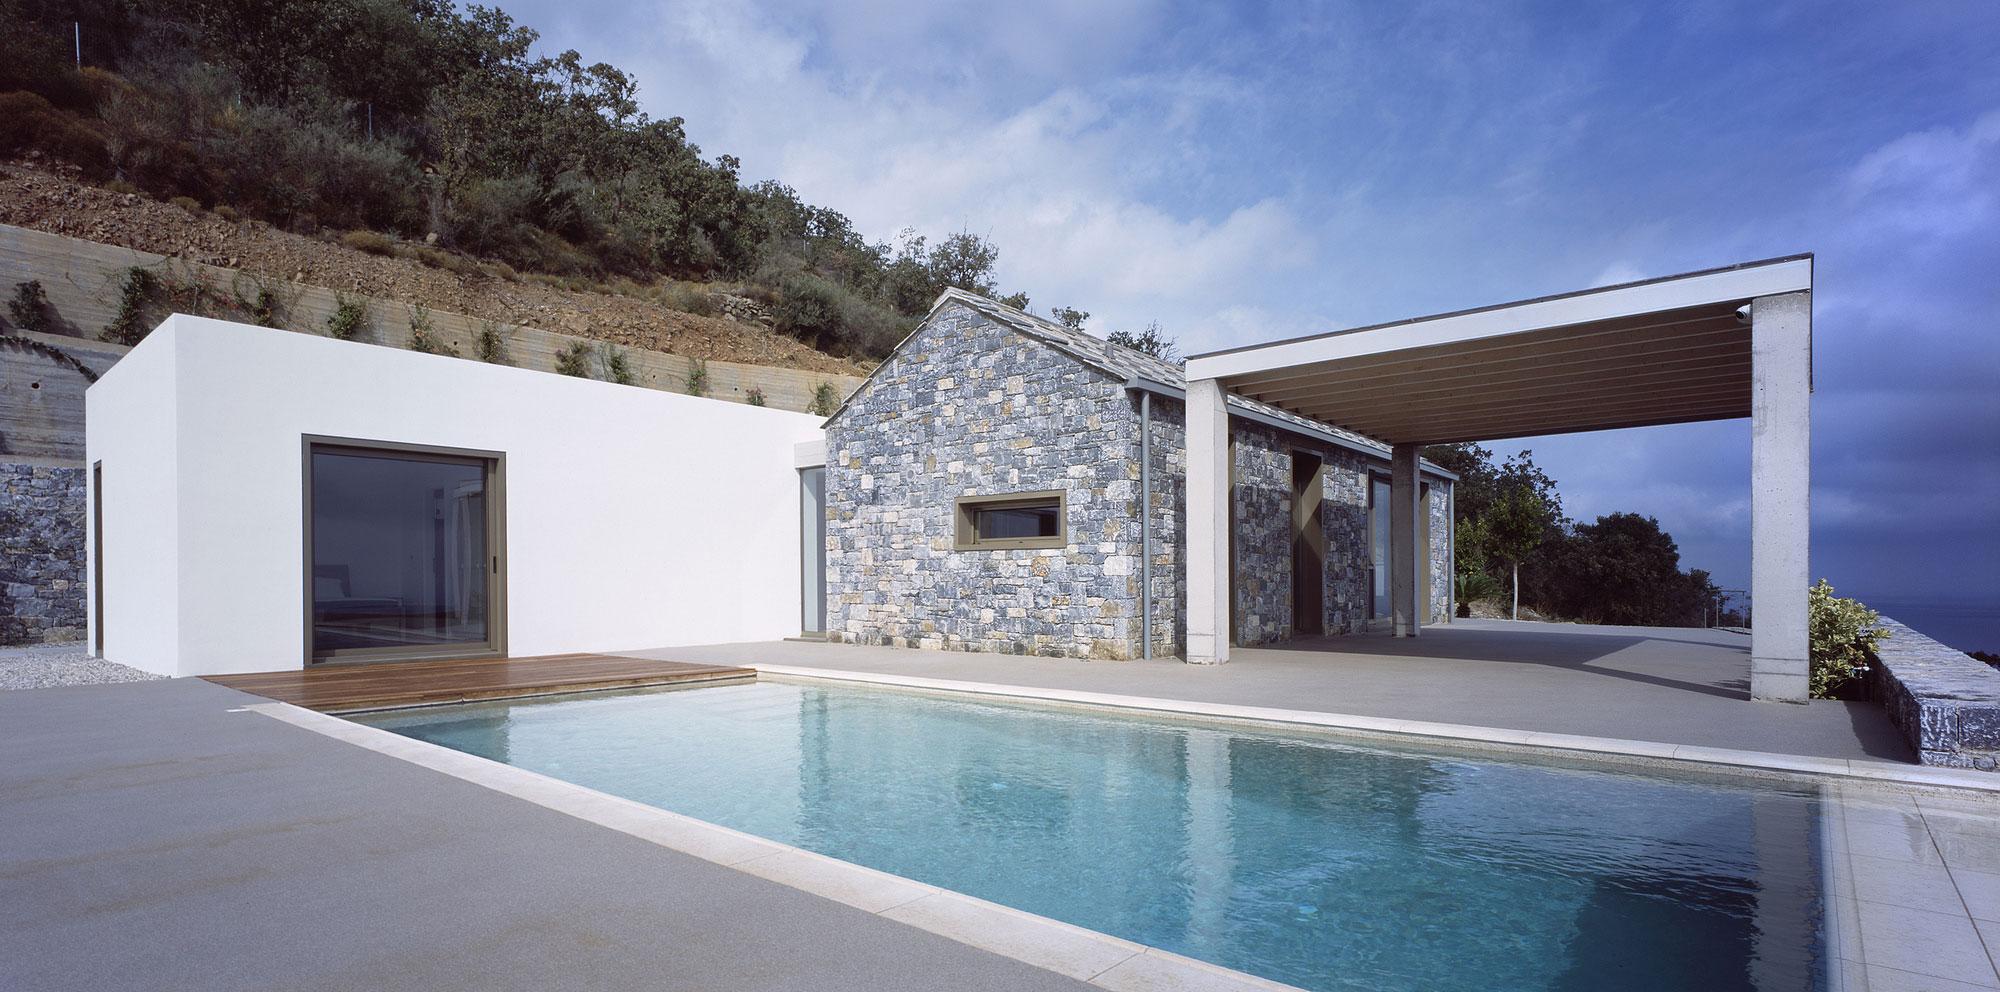 Melana Residence by Valia Foufa & Panagiotis Papassotiriou-04